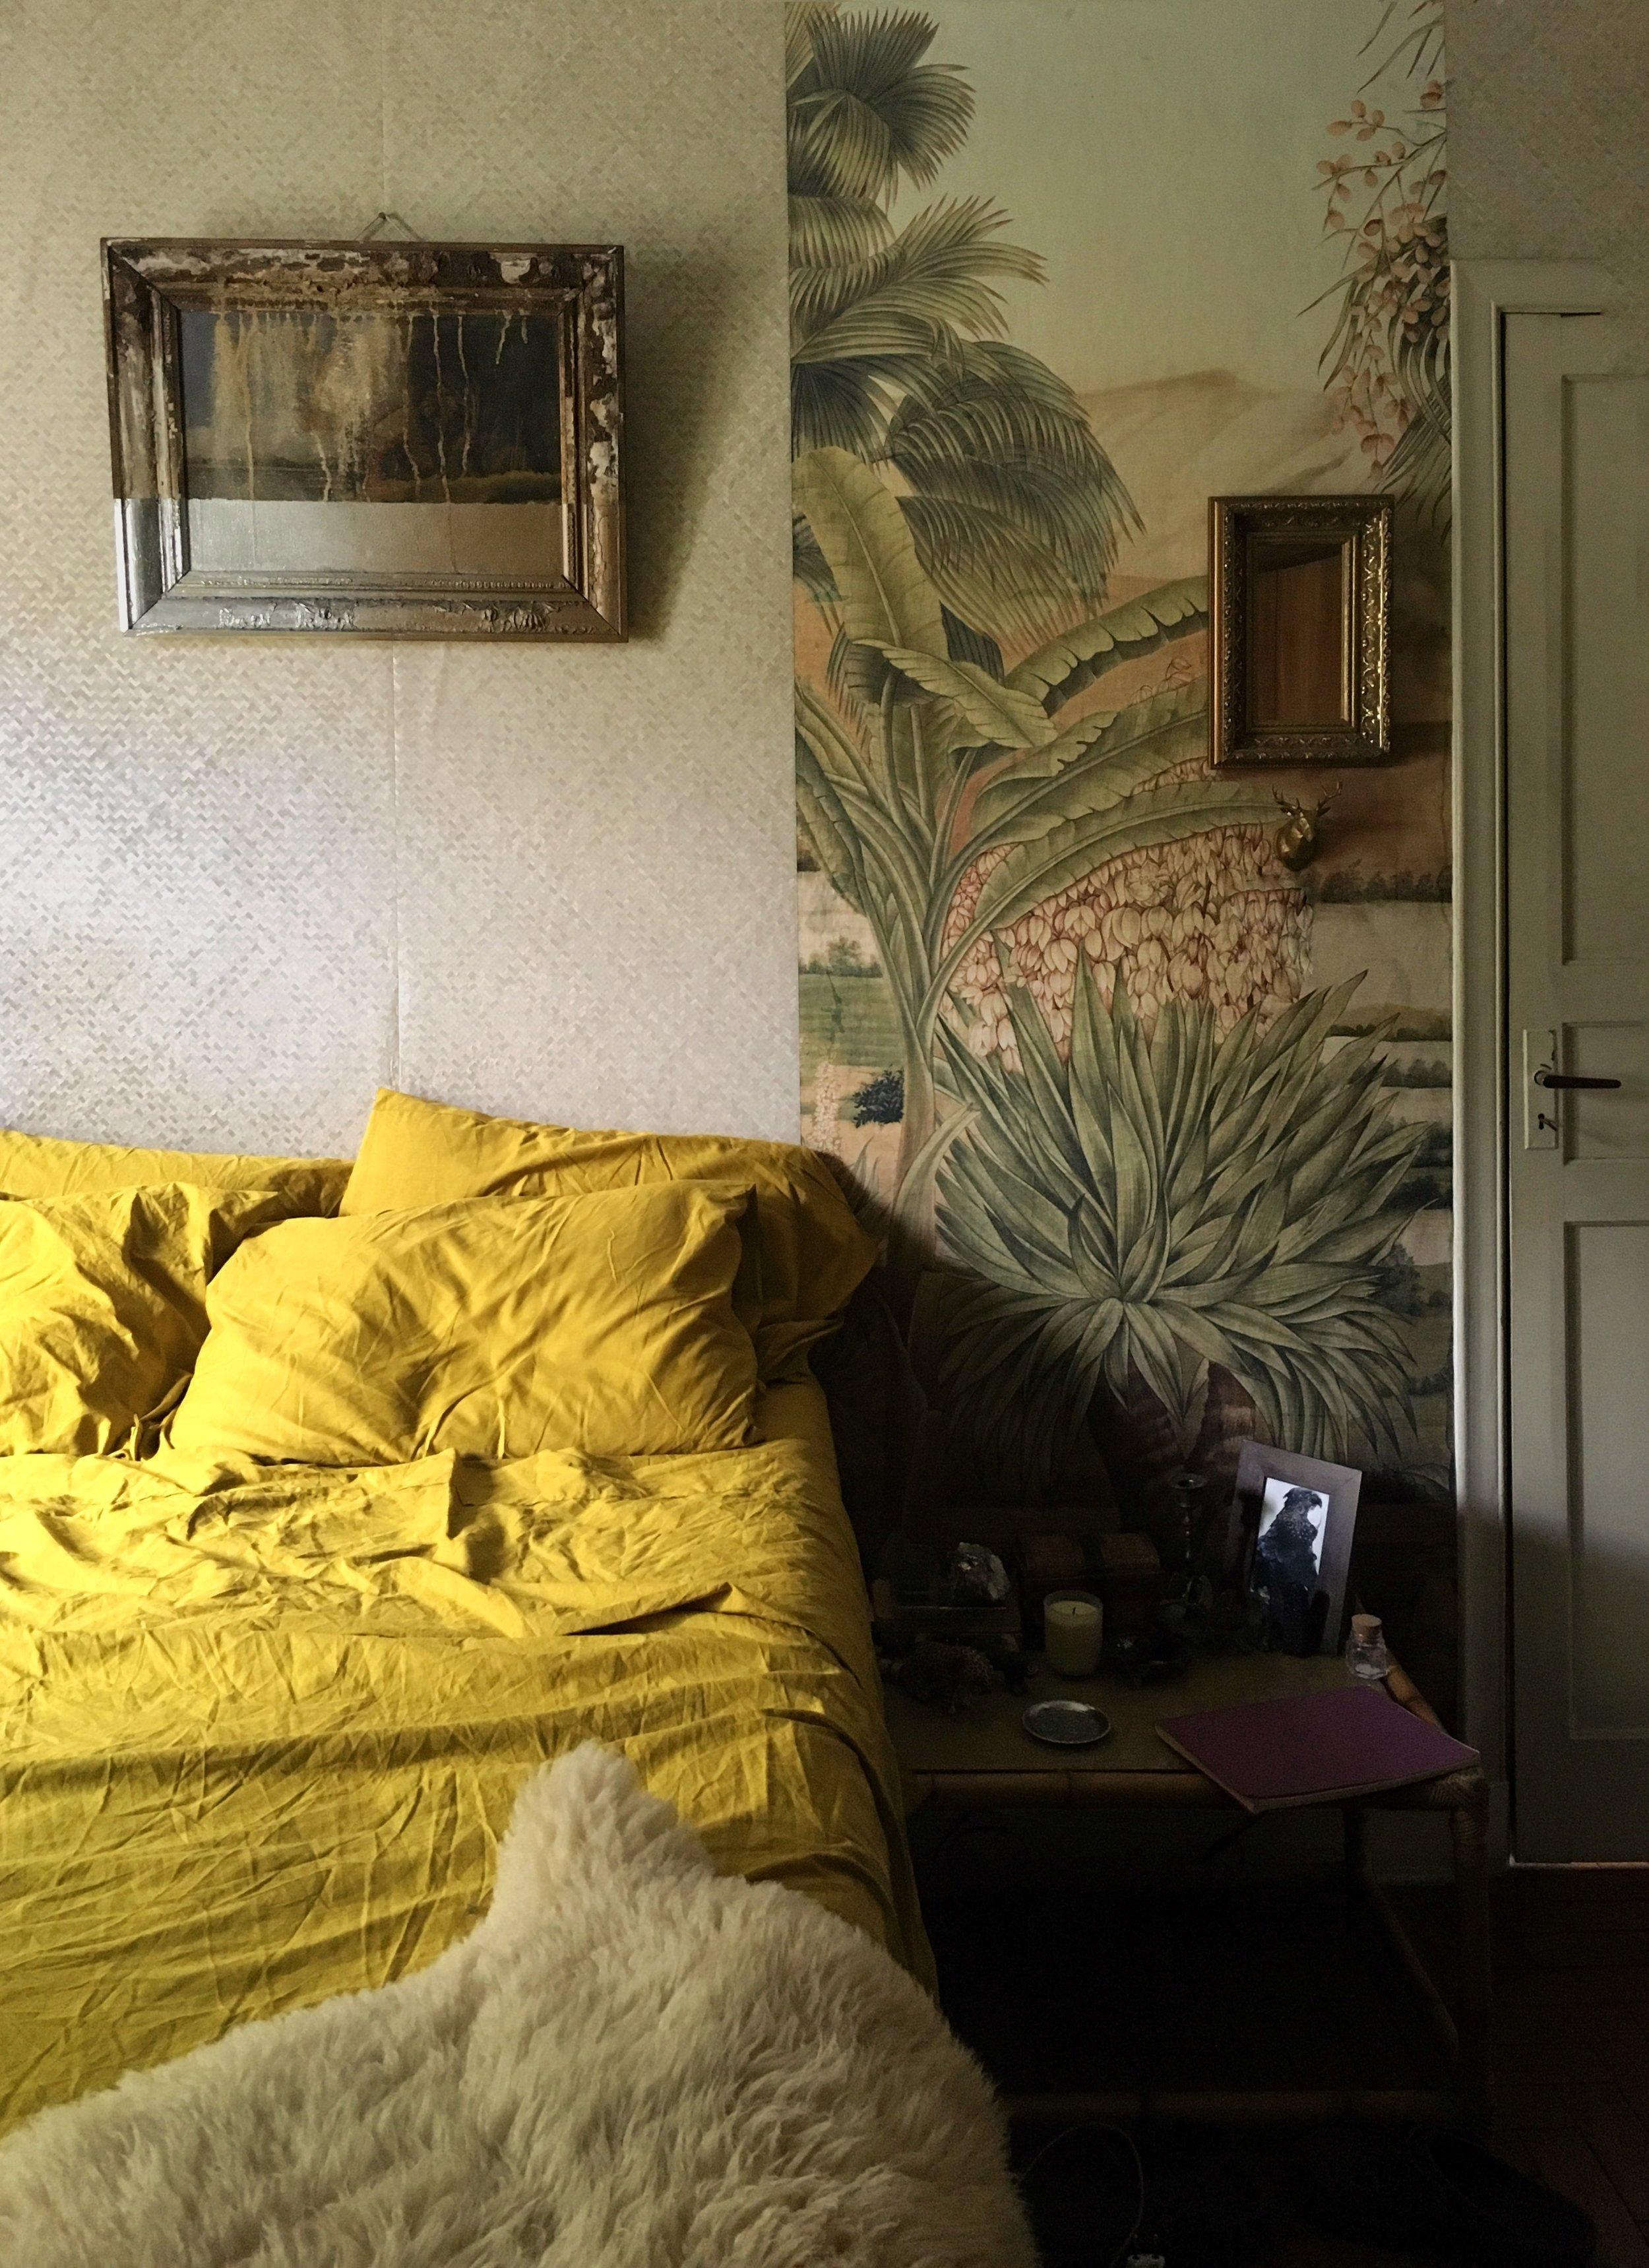 03-old-bedroom.jpg